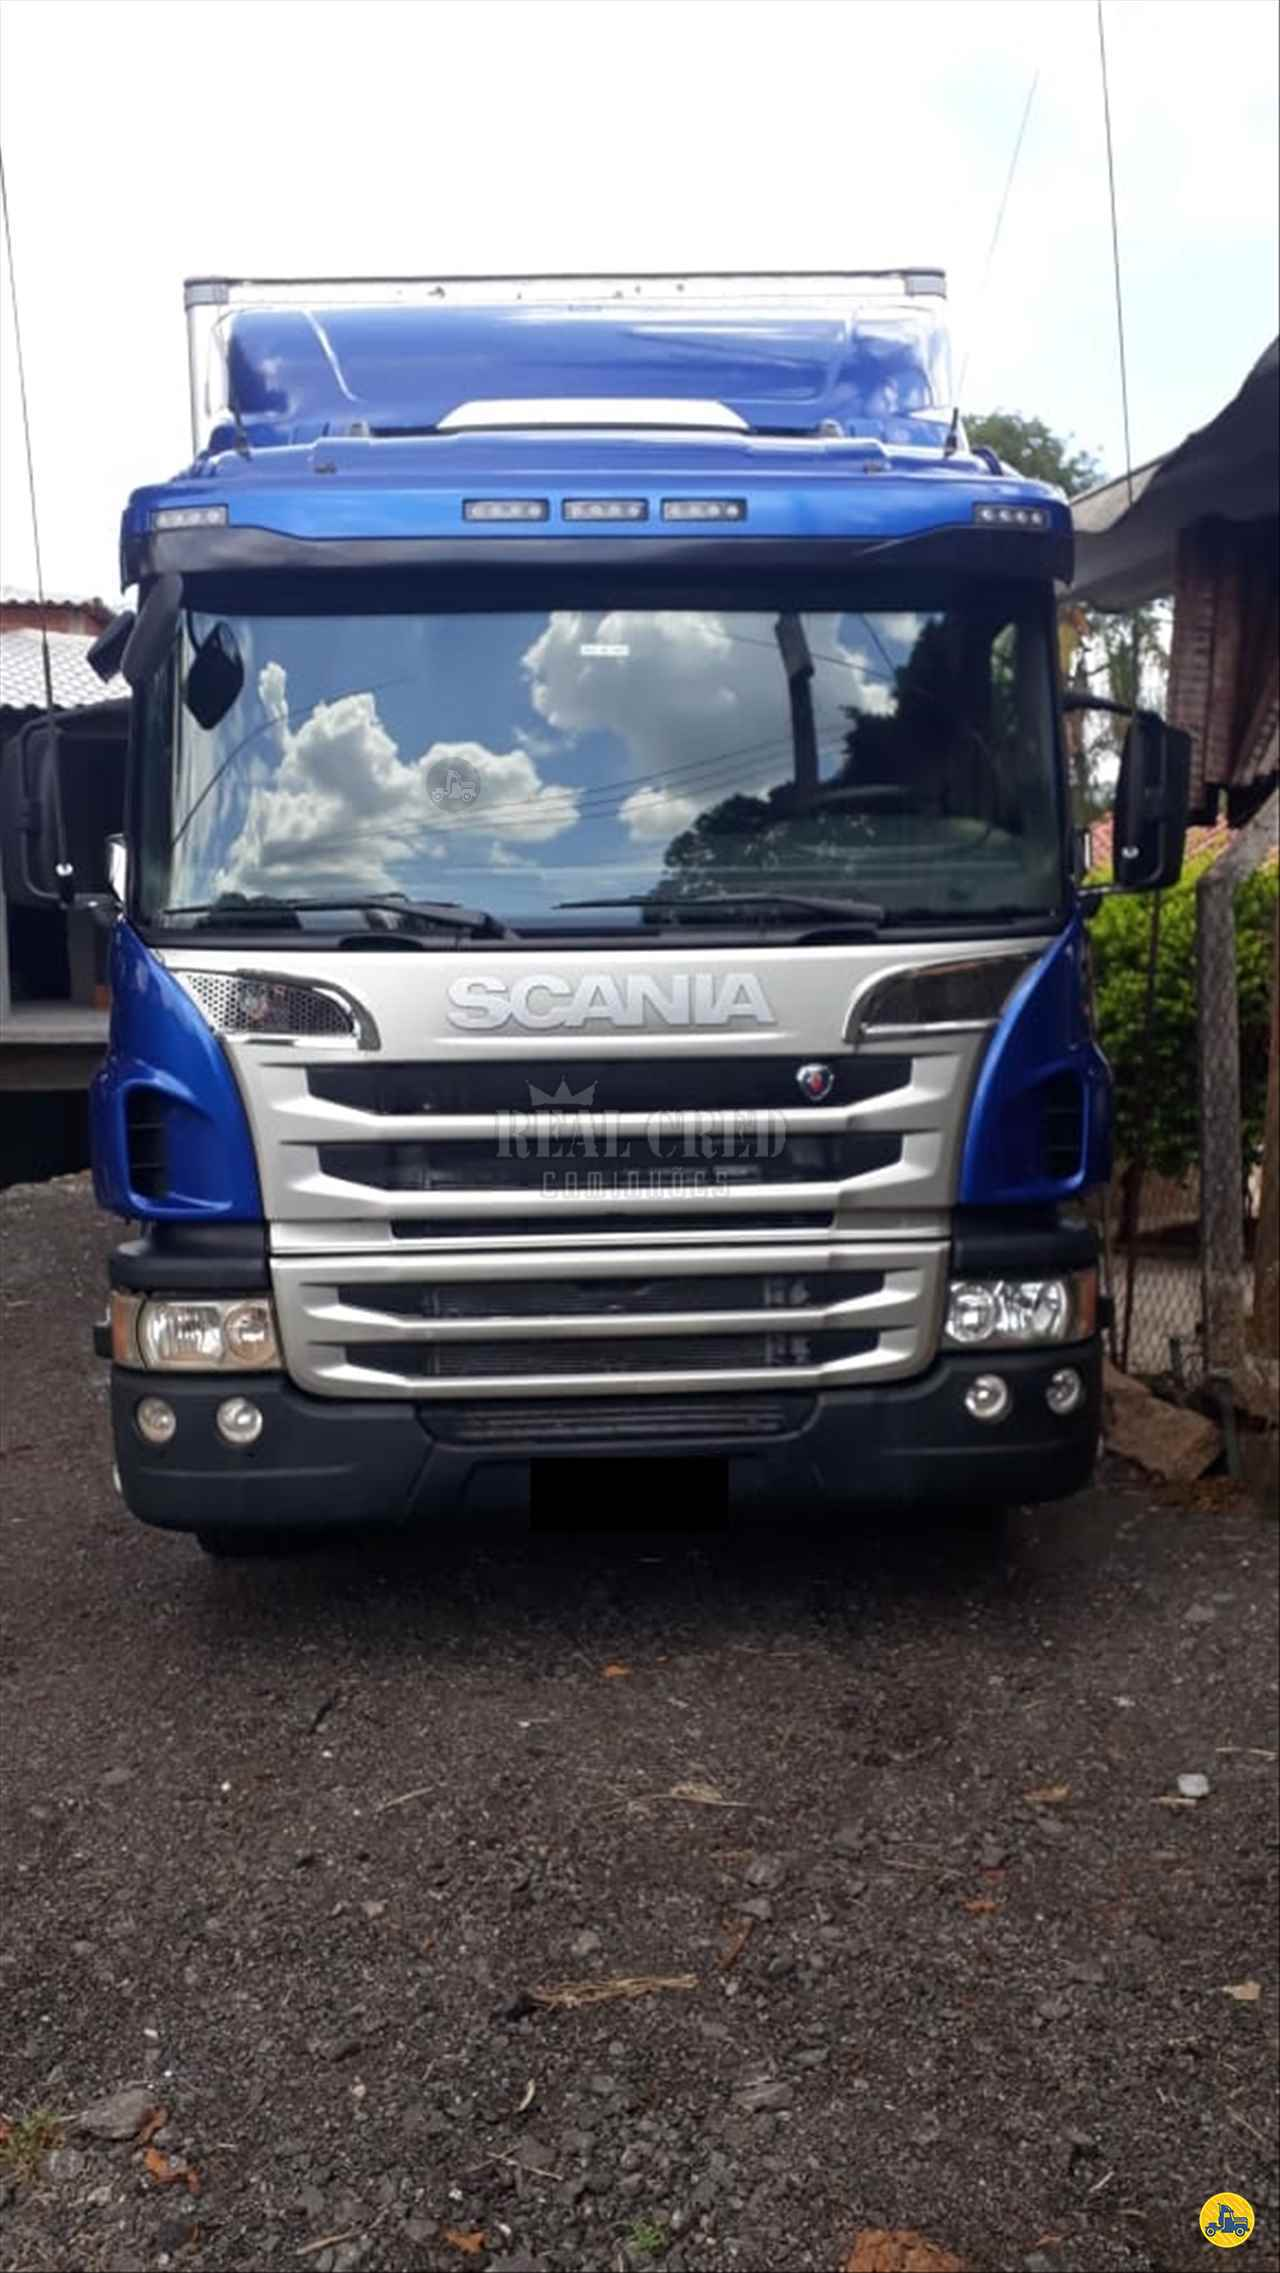 CAMINHAO SCANIA SCANIA 310 Baú Furgão BiTruck 8x2 Real Cred Caminhões PIEDADE SÃO PAULO SP